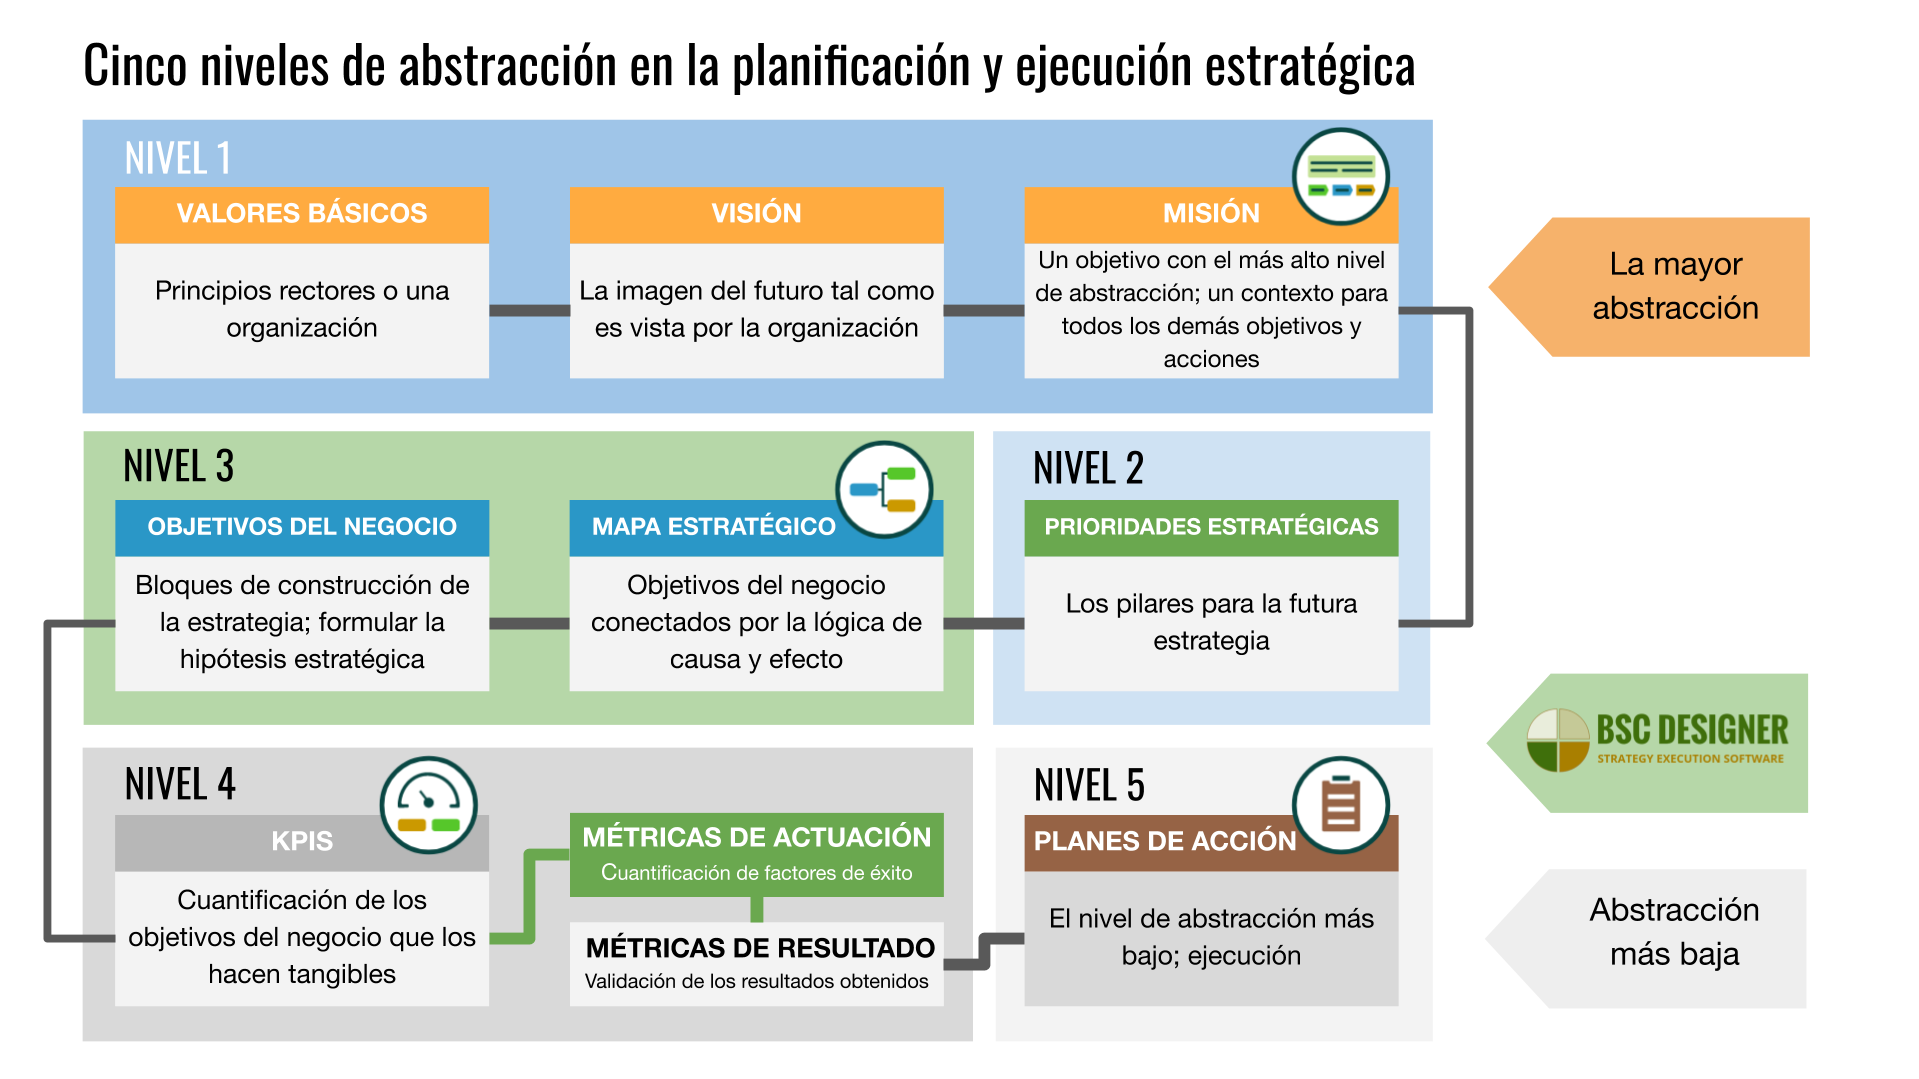 Cinco niveles de abstracción en la planificación y ejecución estratégica. Desde la visión, la misión y los valores fundamentales hasta las prioridades estratégicas (Temas), mapas estratégicos, objetivos del negocio y KPIs